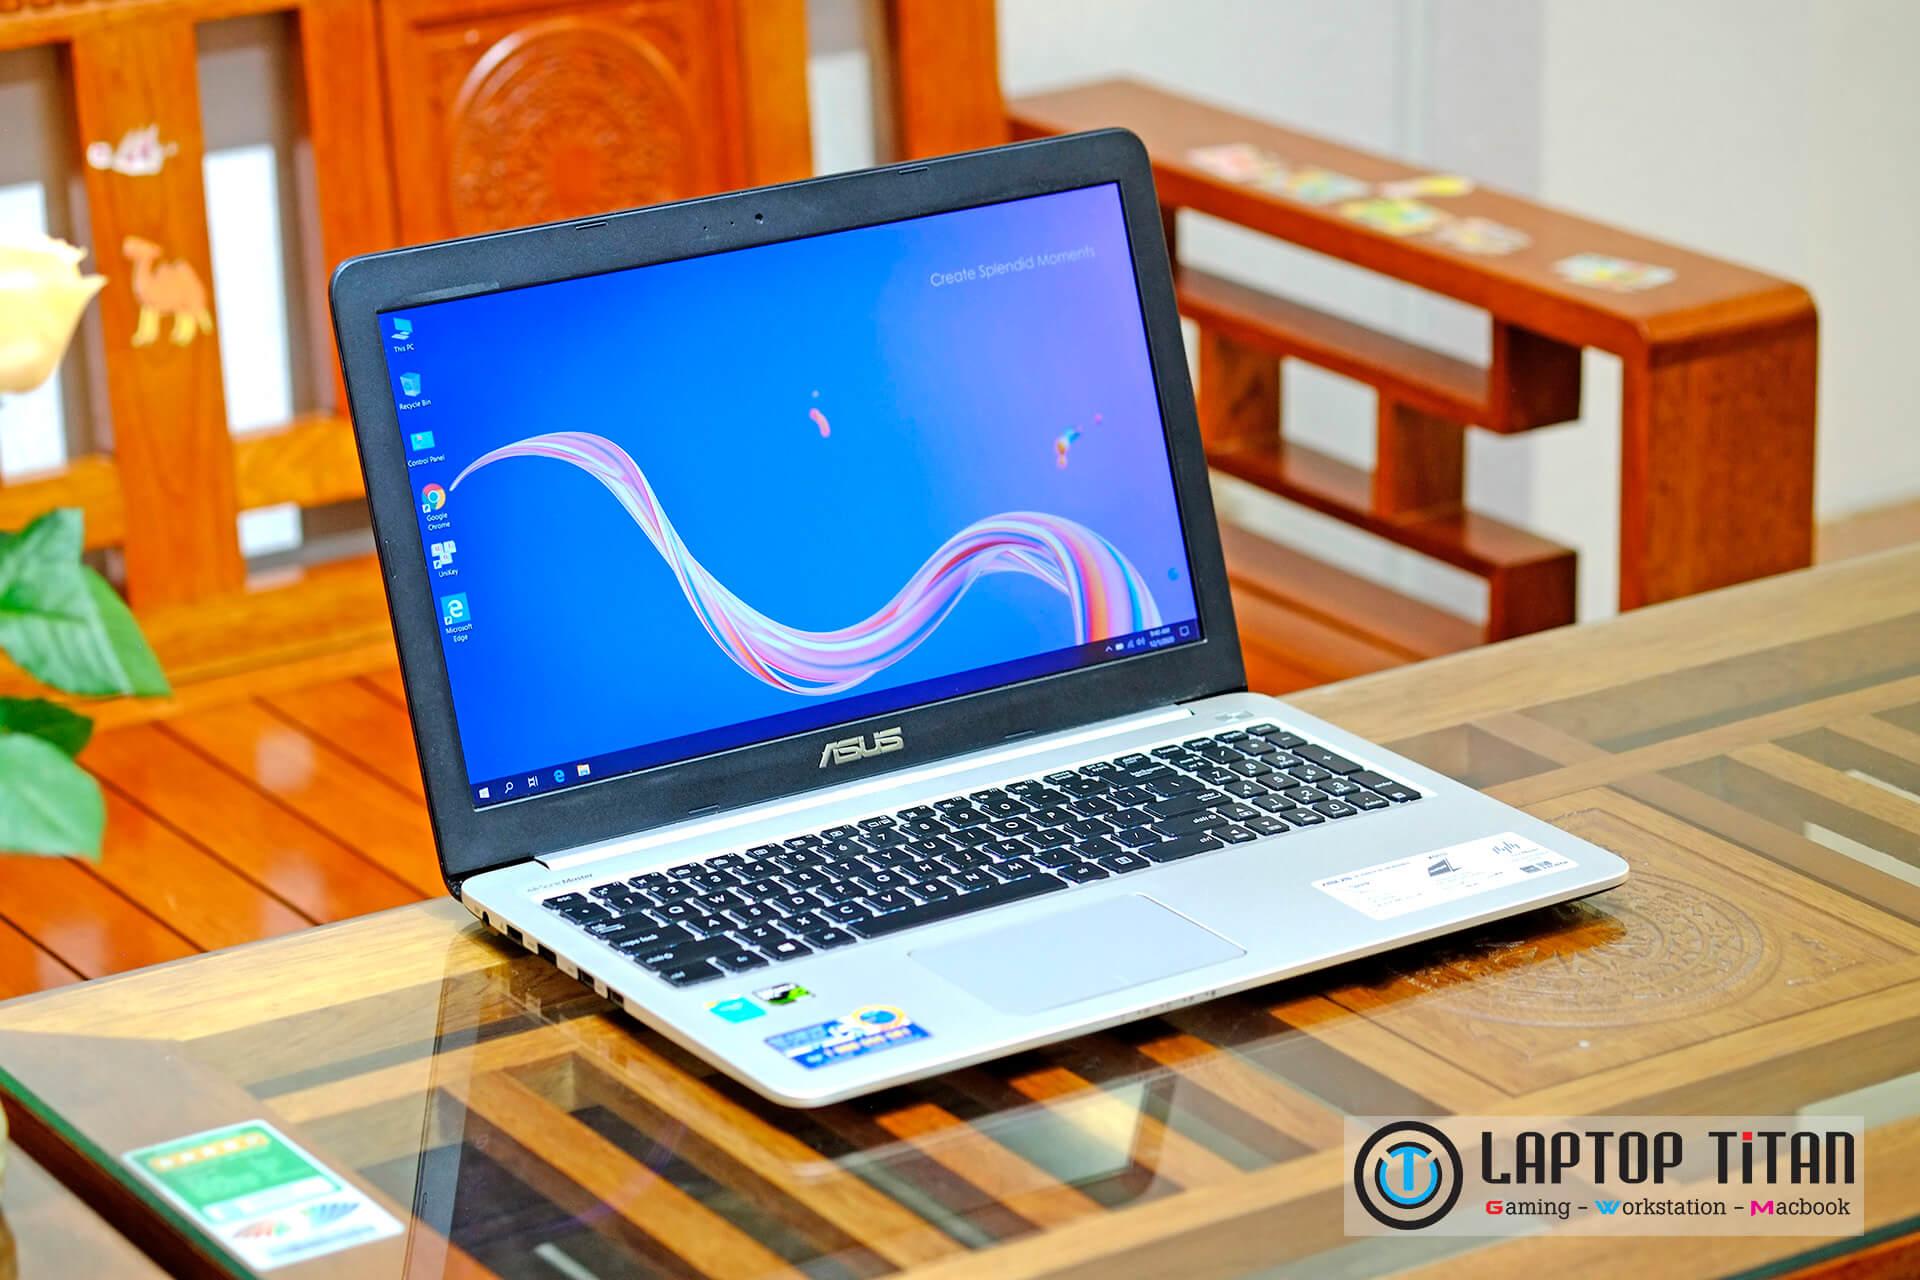 Asus K501lx laptop titan 002